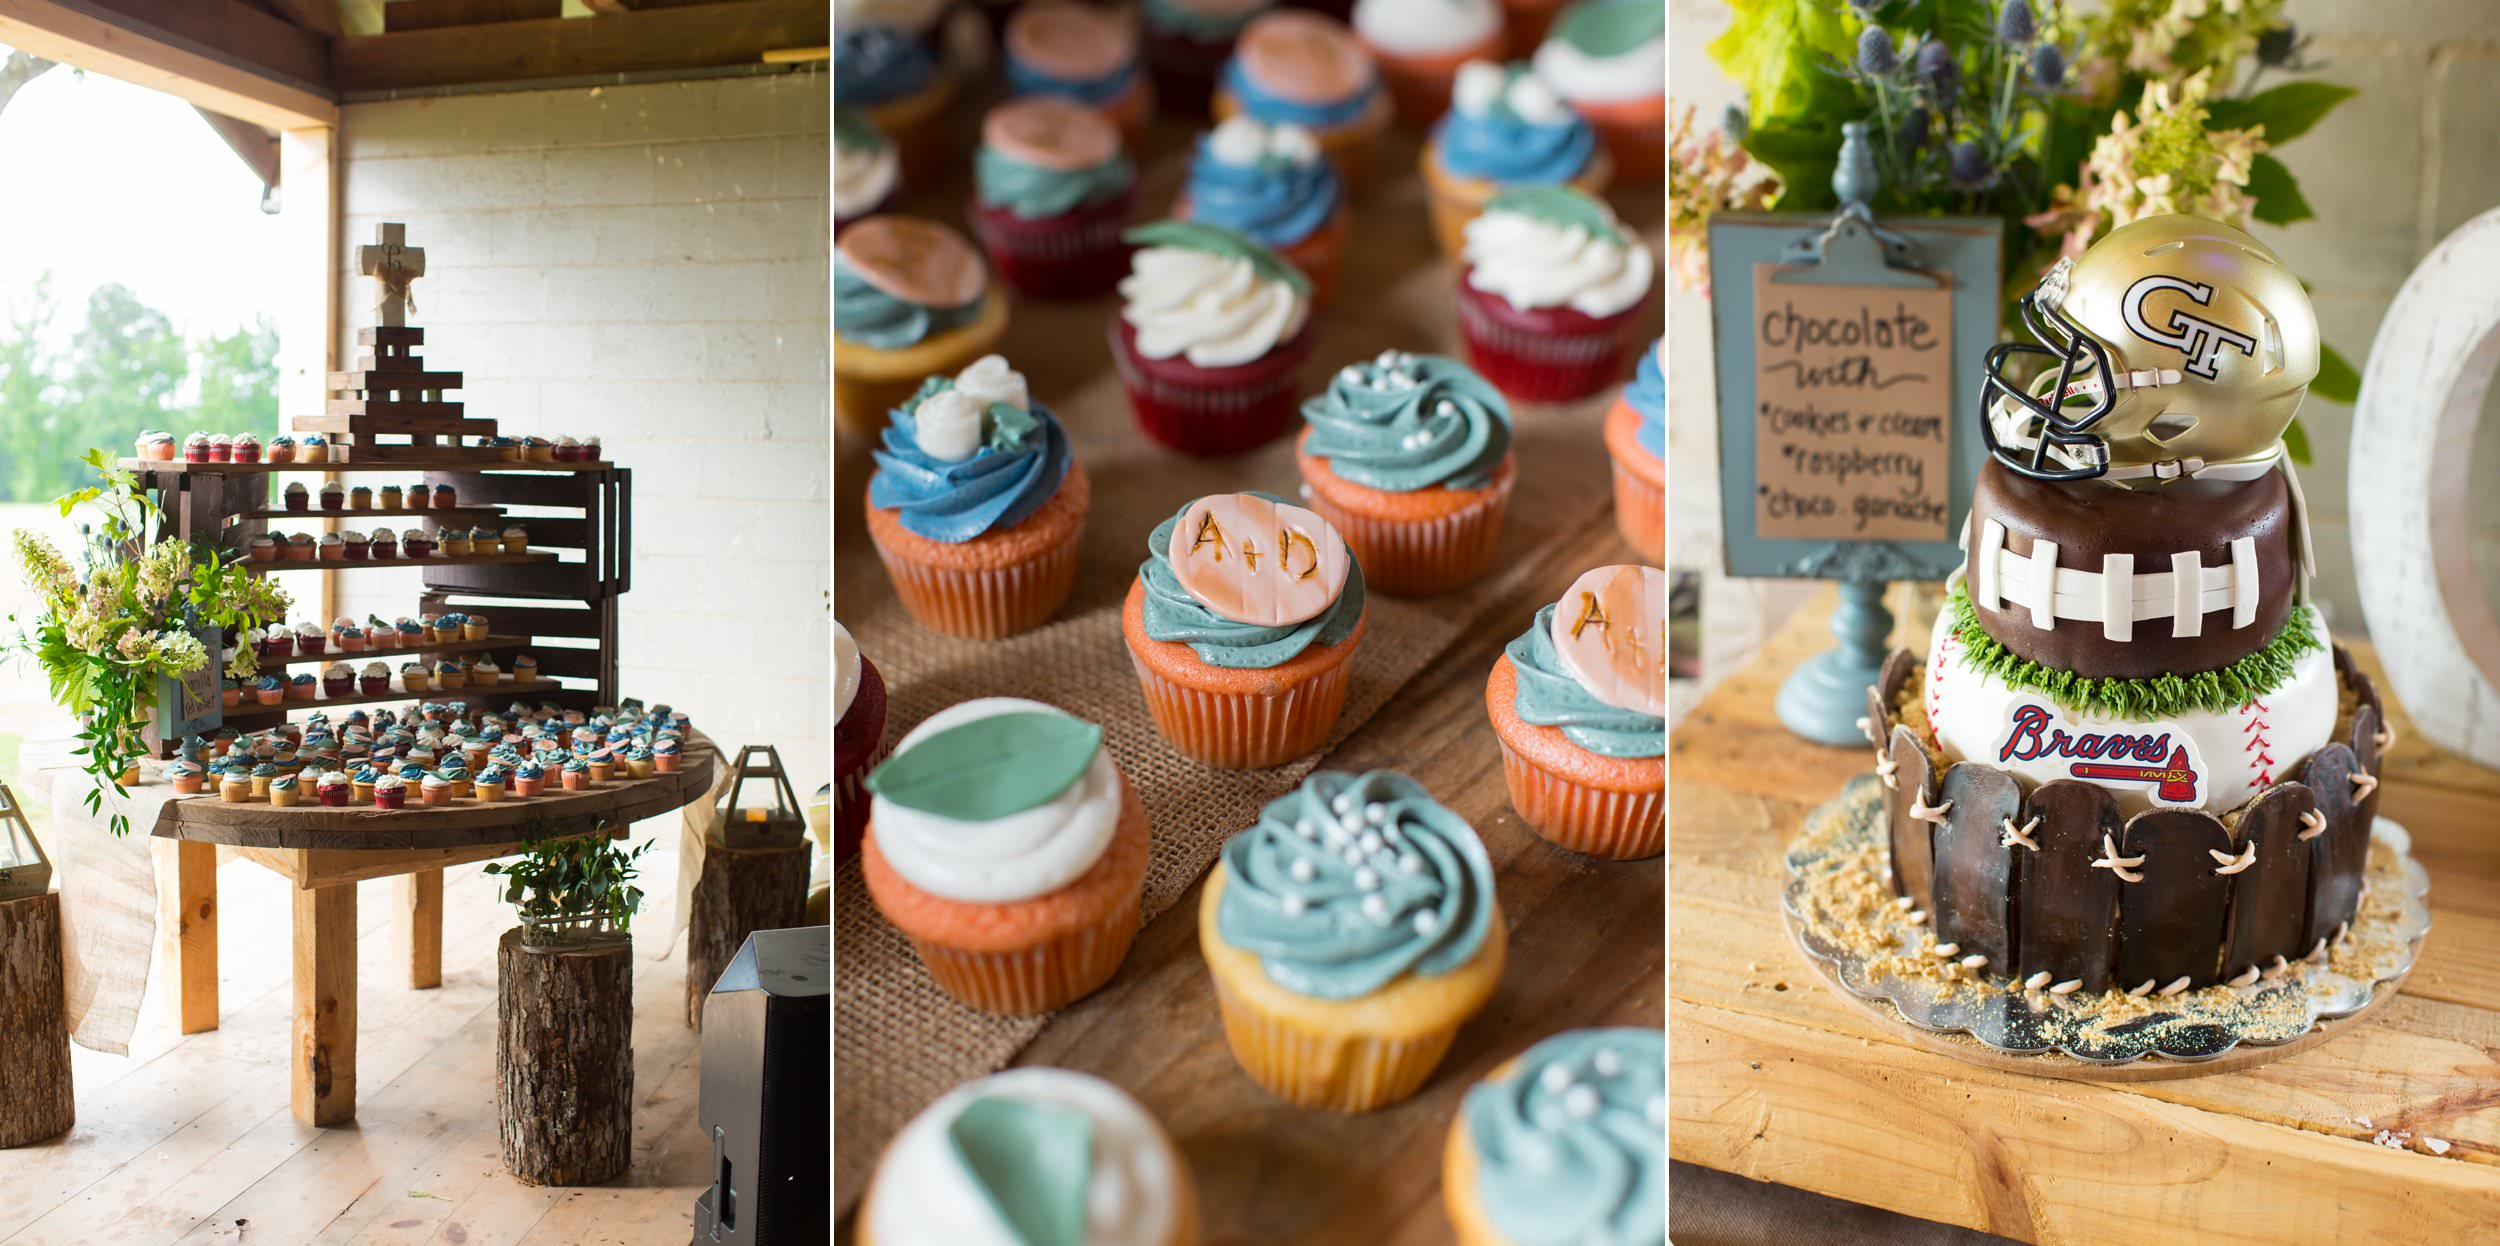 Abby-Manor-Events-Wedding-Photos49.jpg